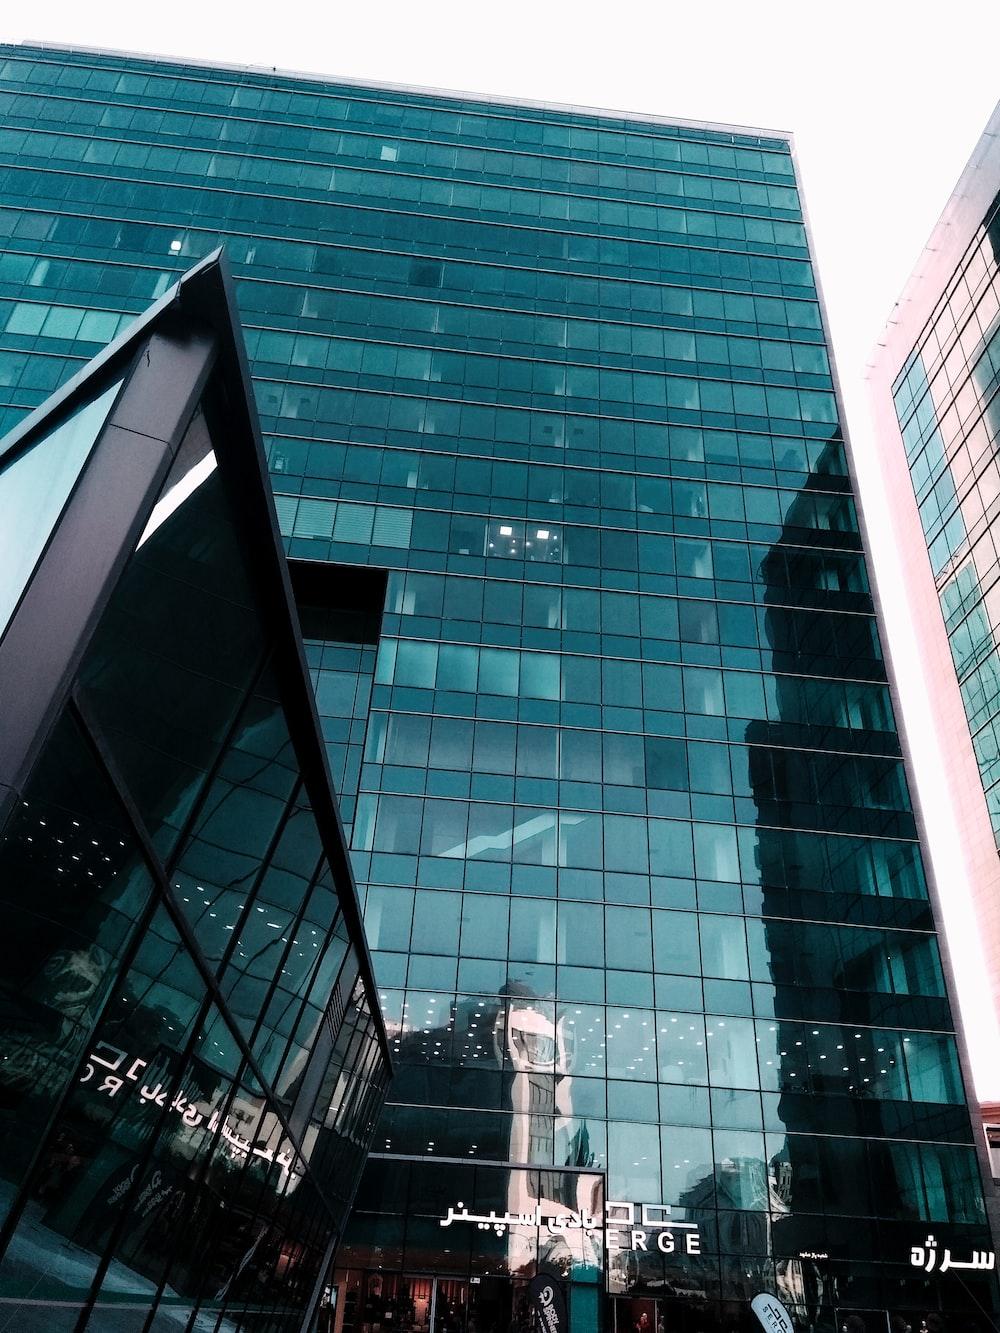 green glass facade high rise building